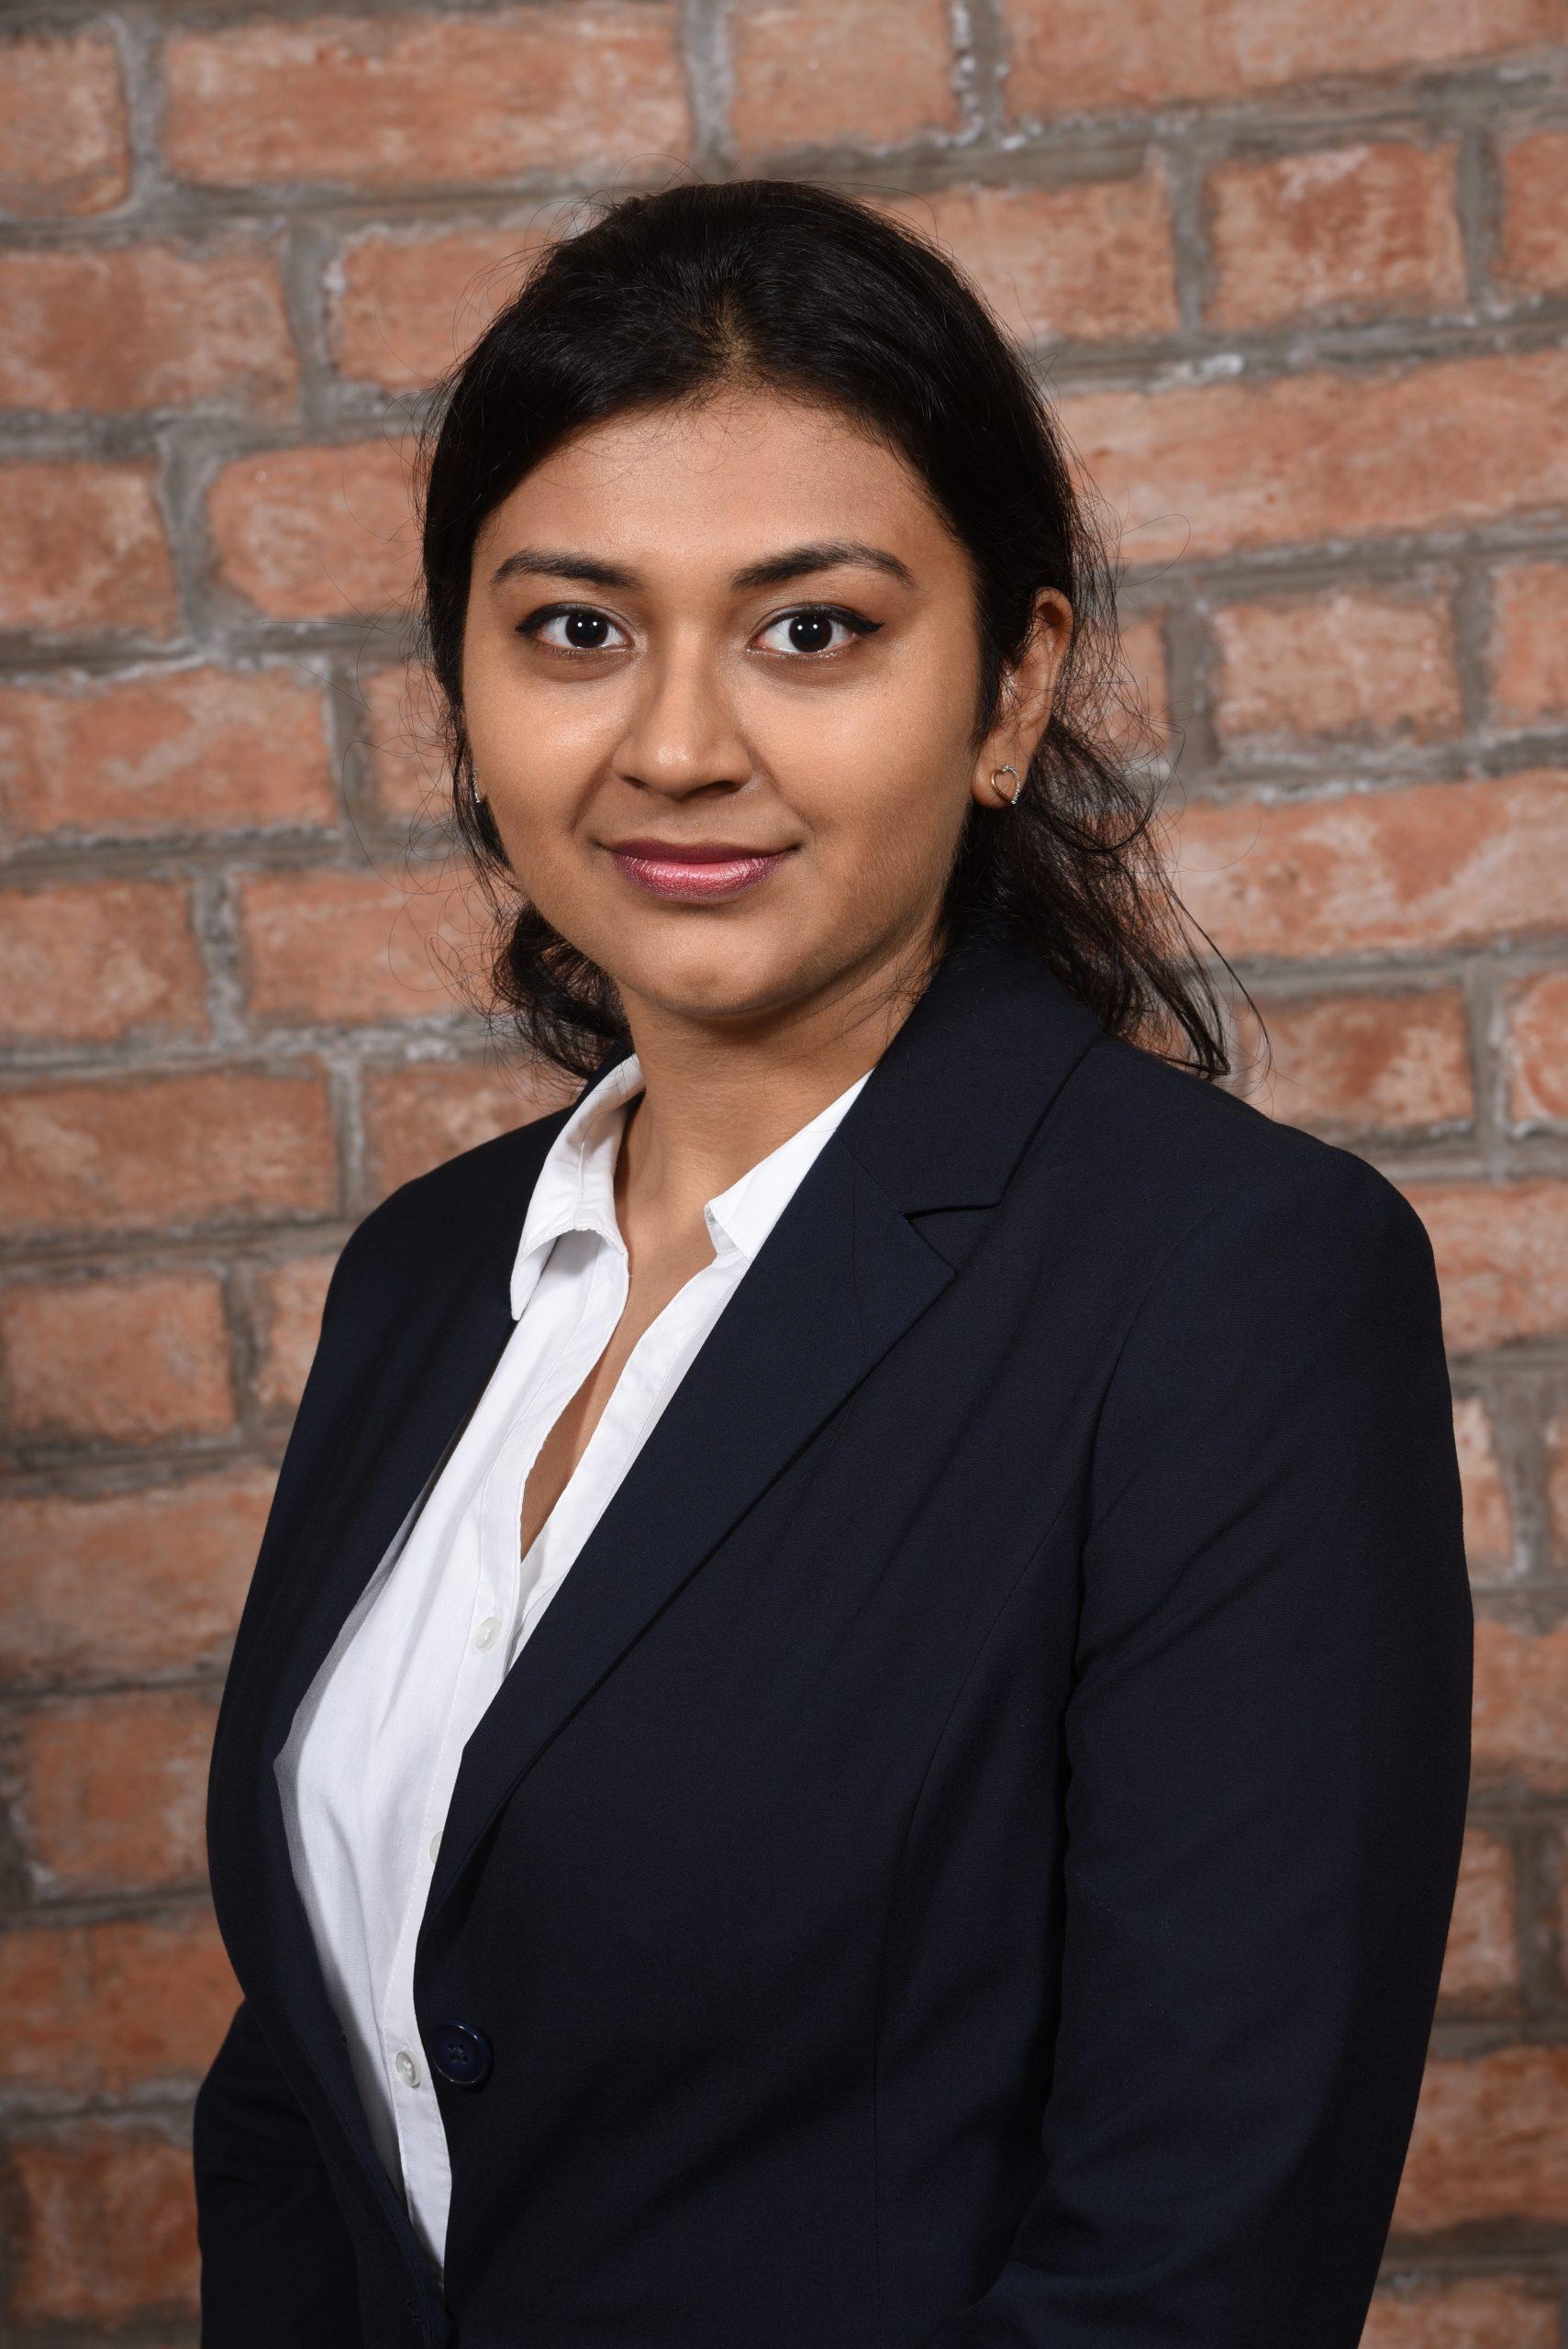 Dhairya-Shrivastava